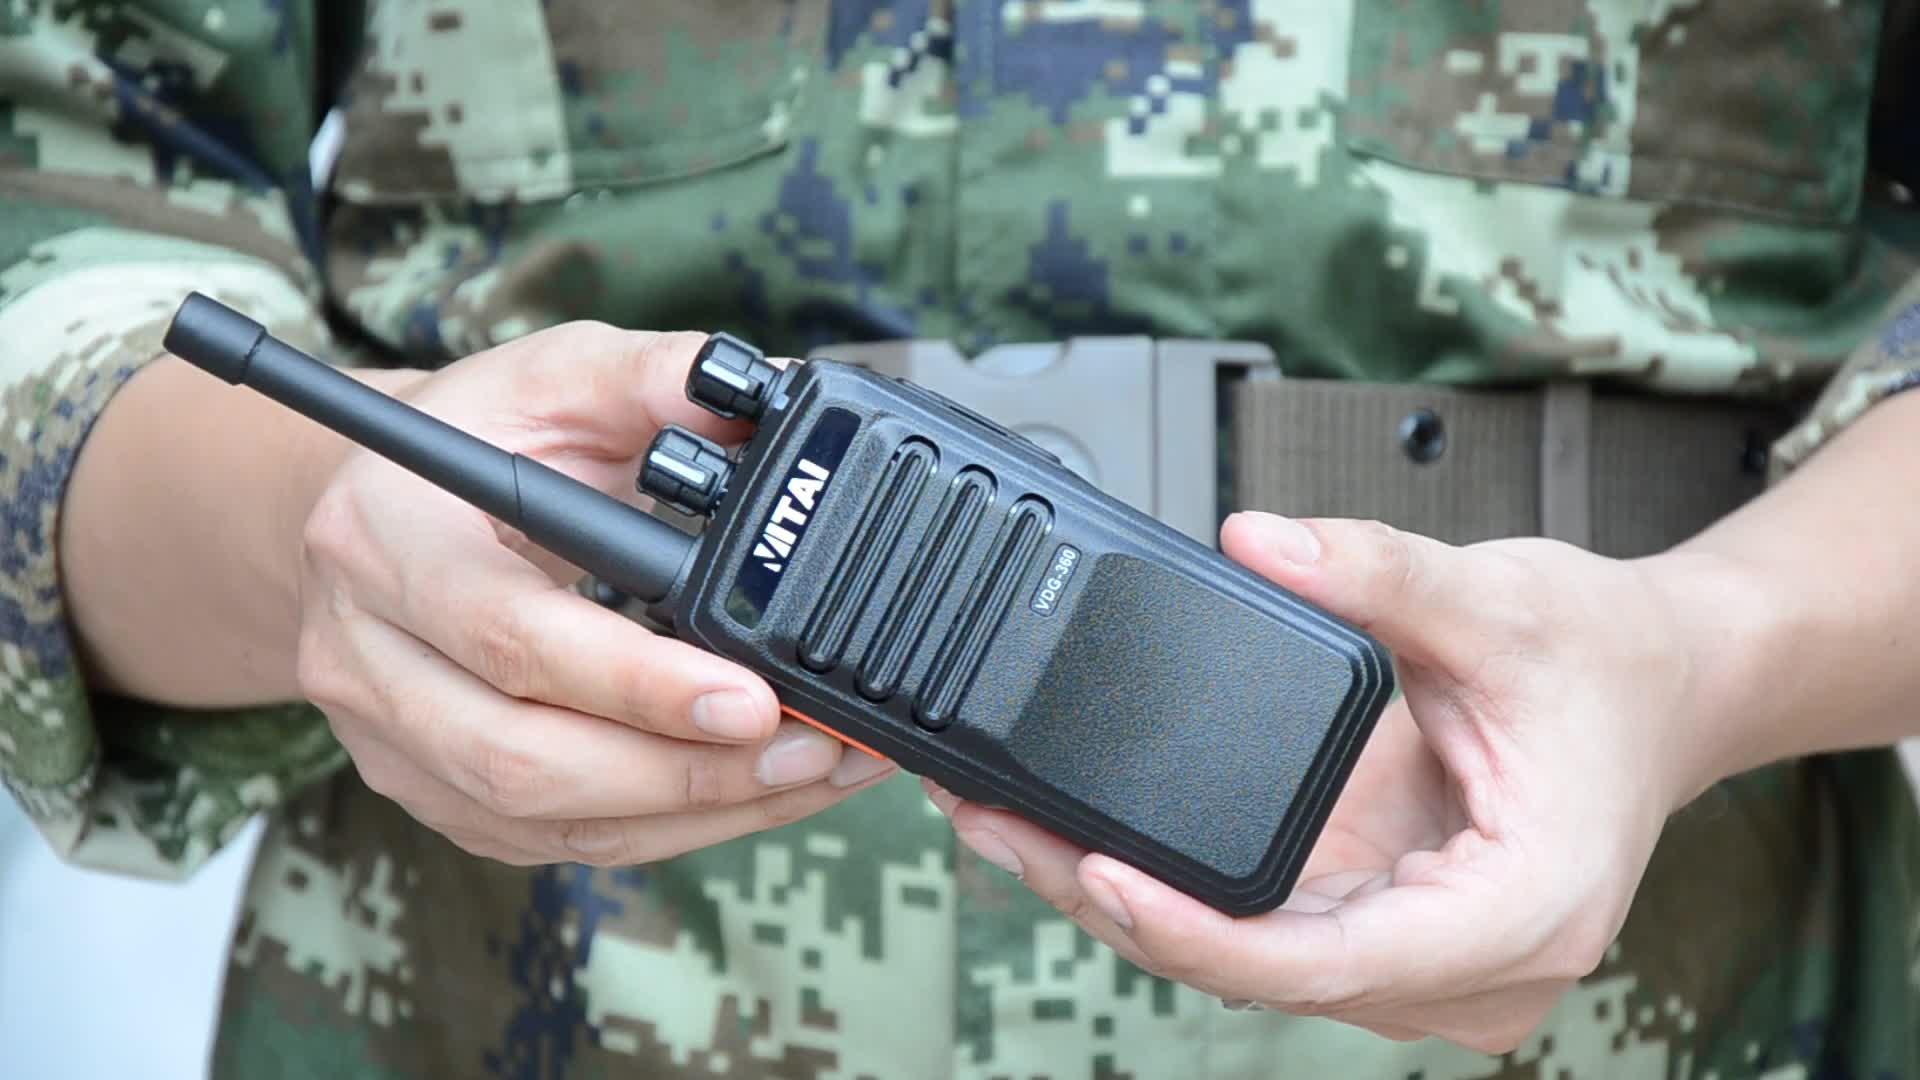 Rádio da maneira de VITAI VDG-360 DMR 2 com aprovaçã0 dos FCC dos CF